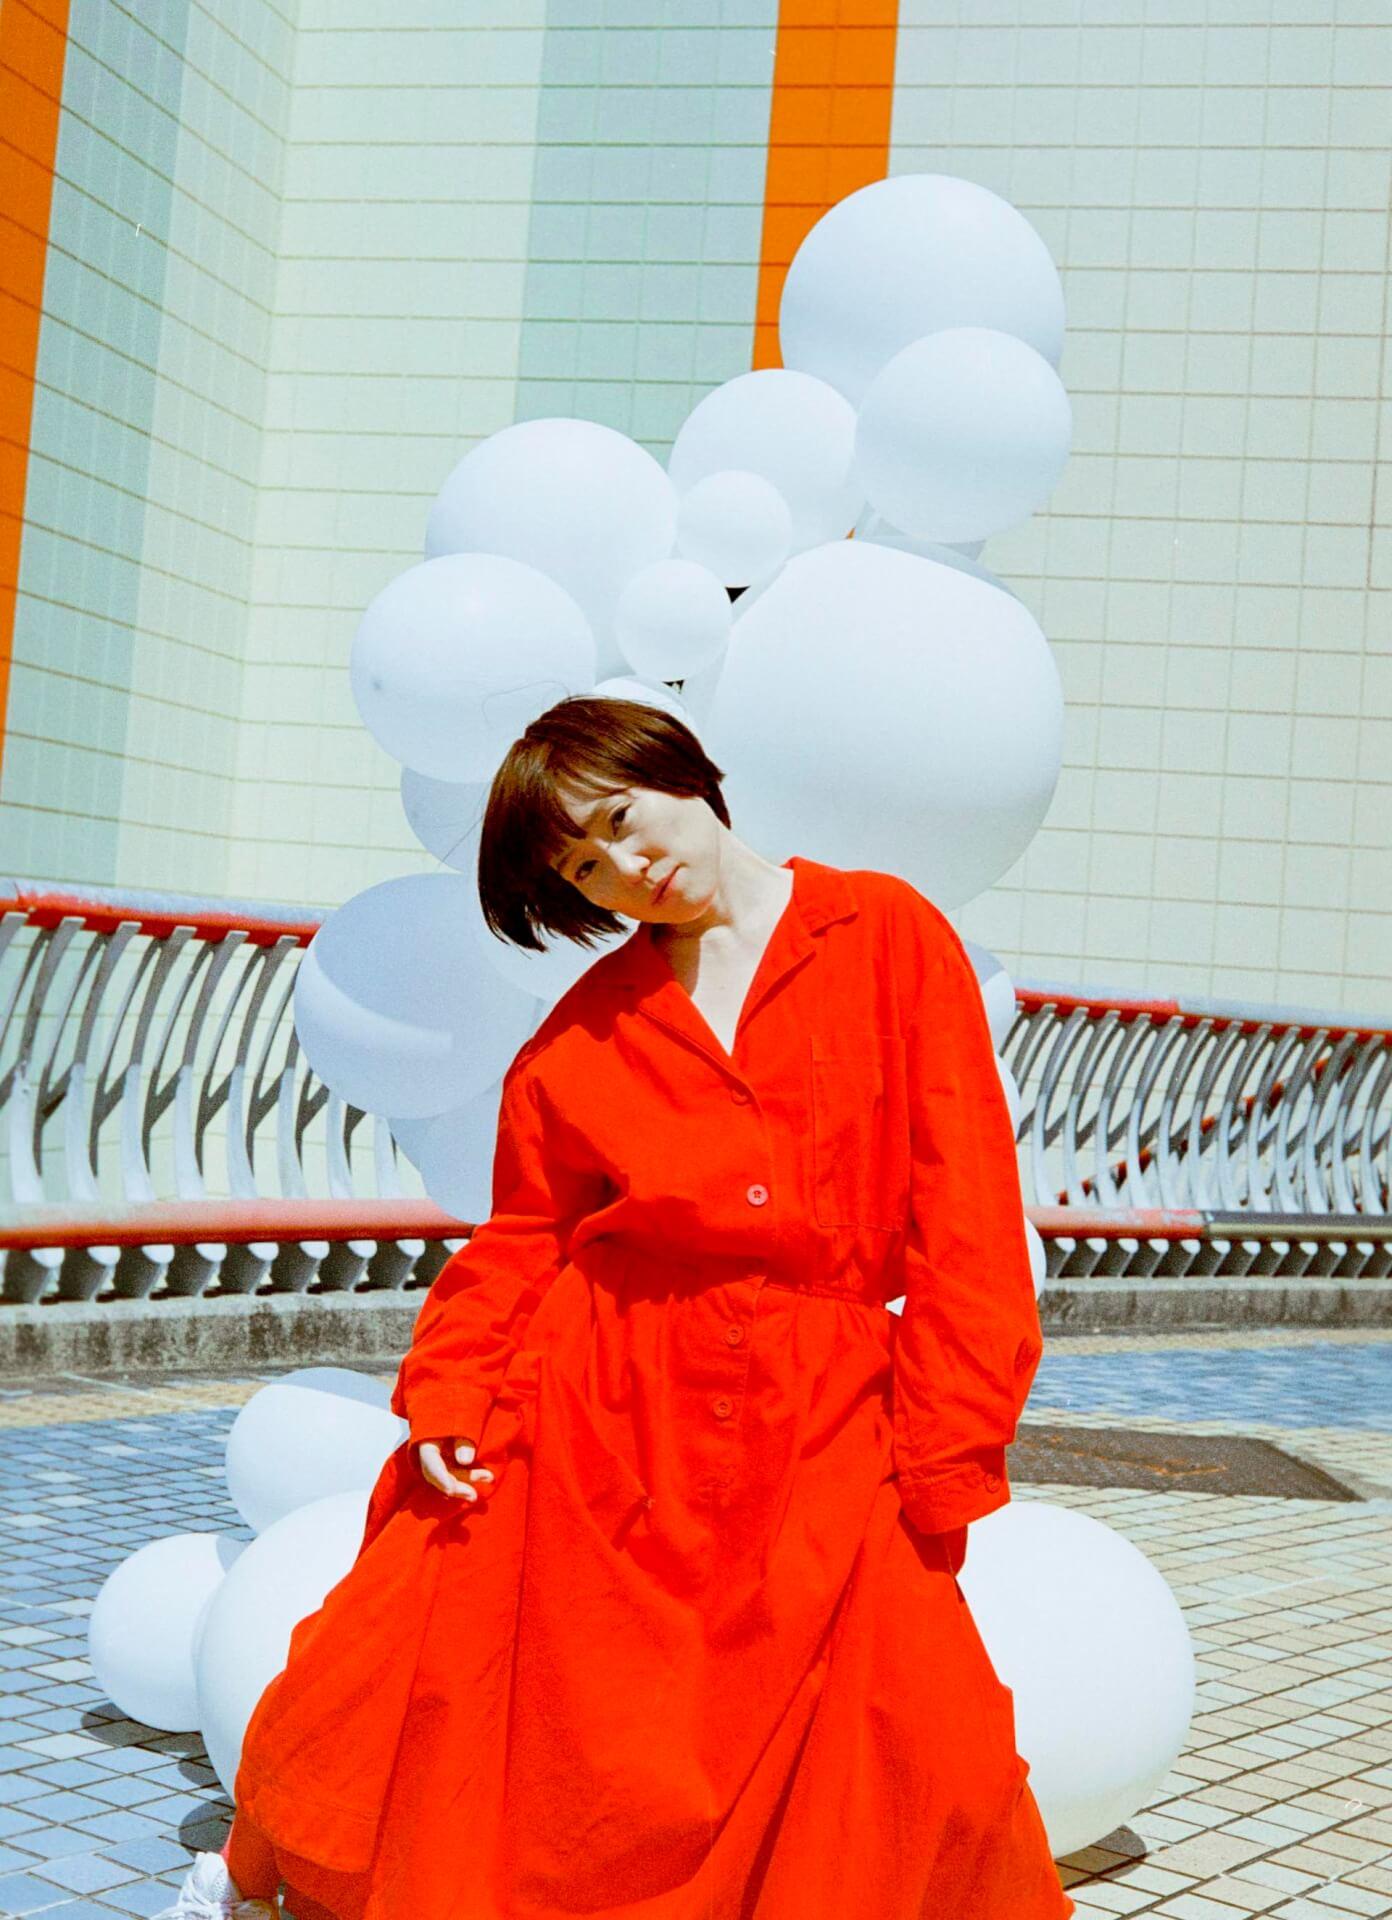 中納良恵ソロアルバム『あまい』リリースツアー開催決定!全曲トレーラーもYouTubeで公開 music210623_AMAI2